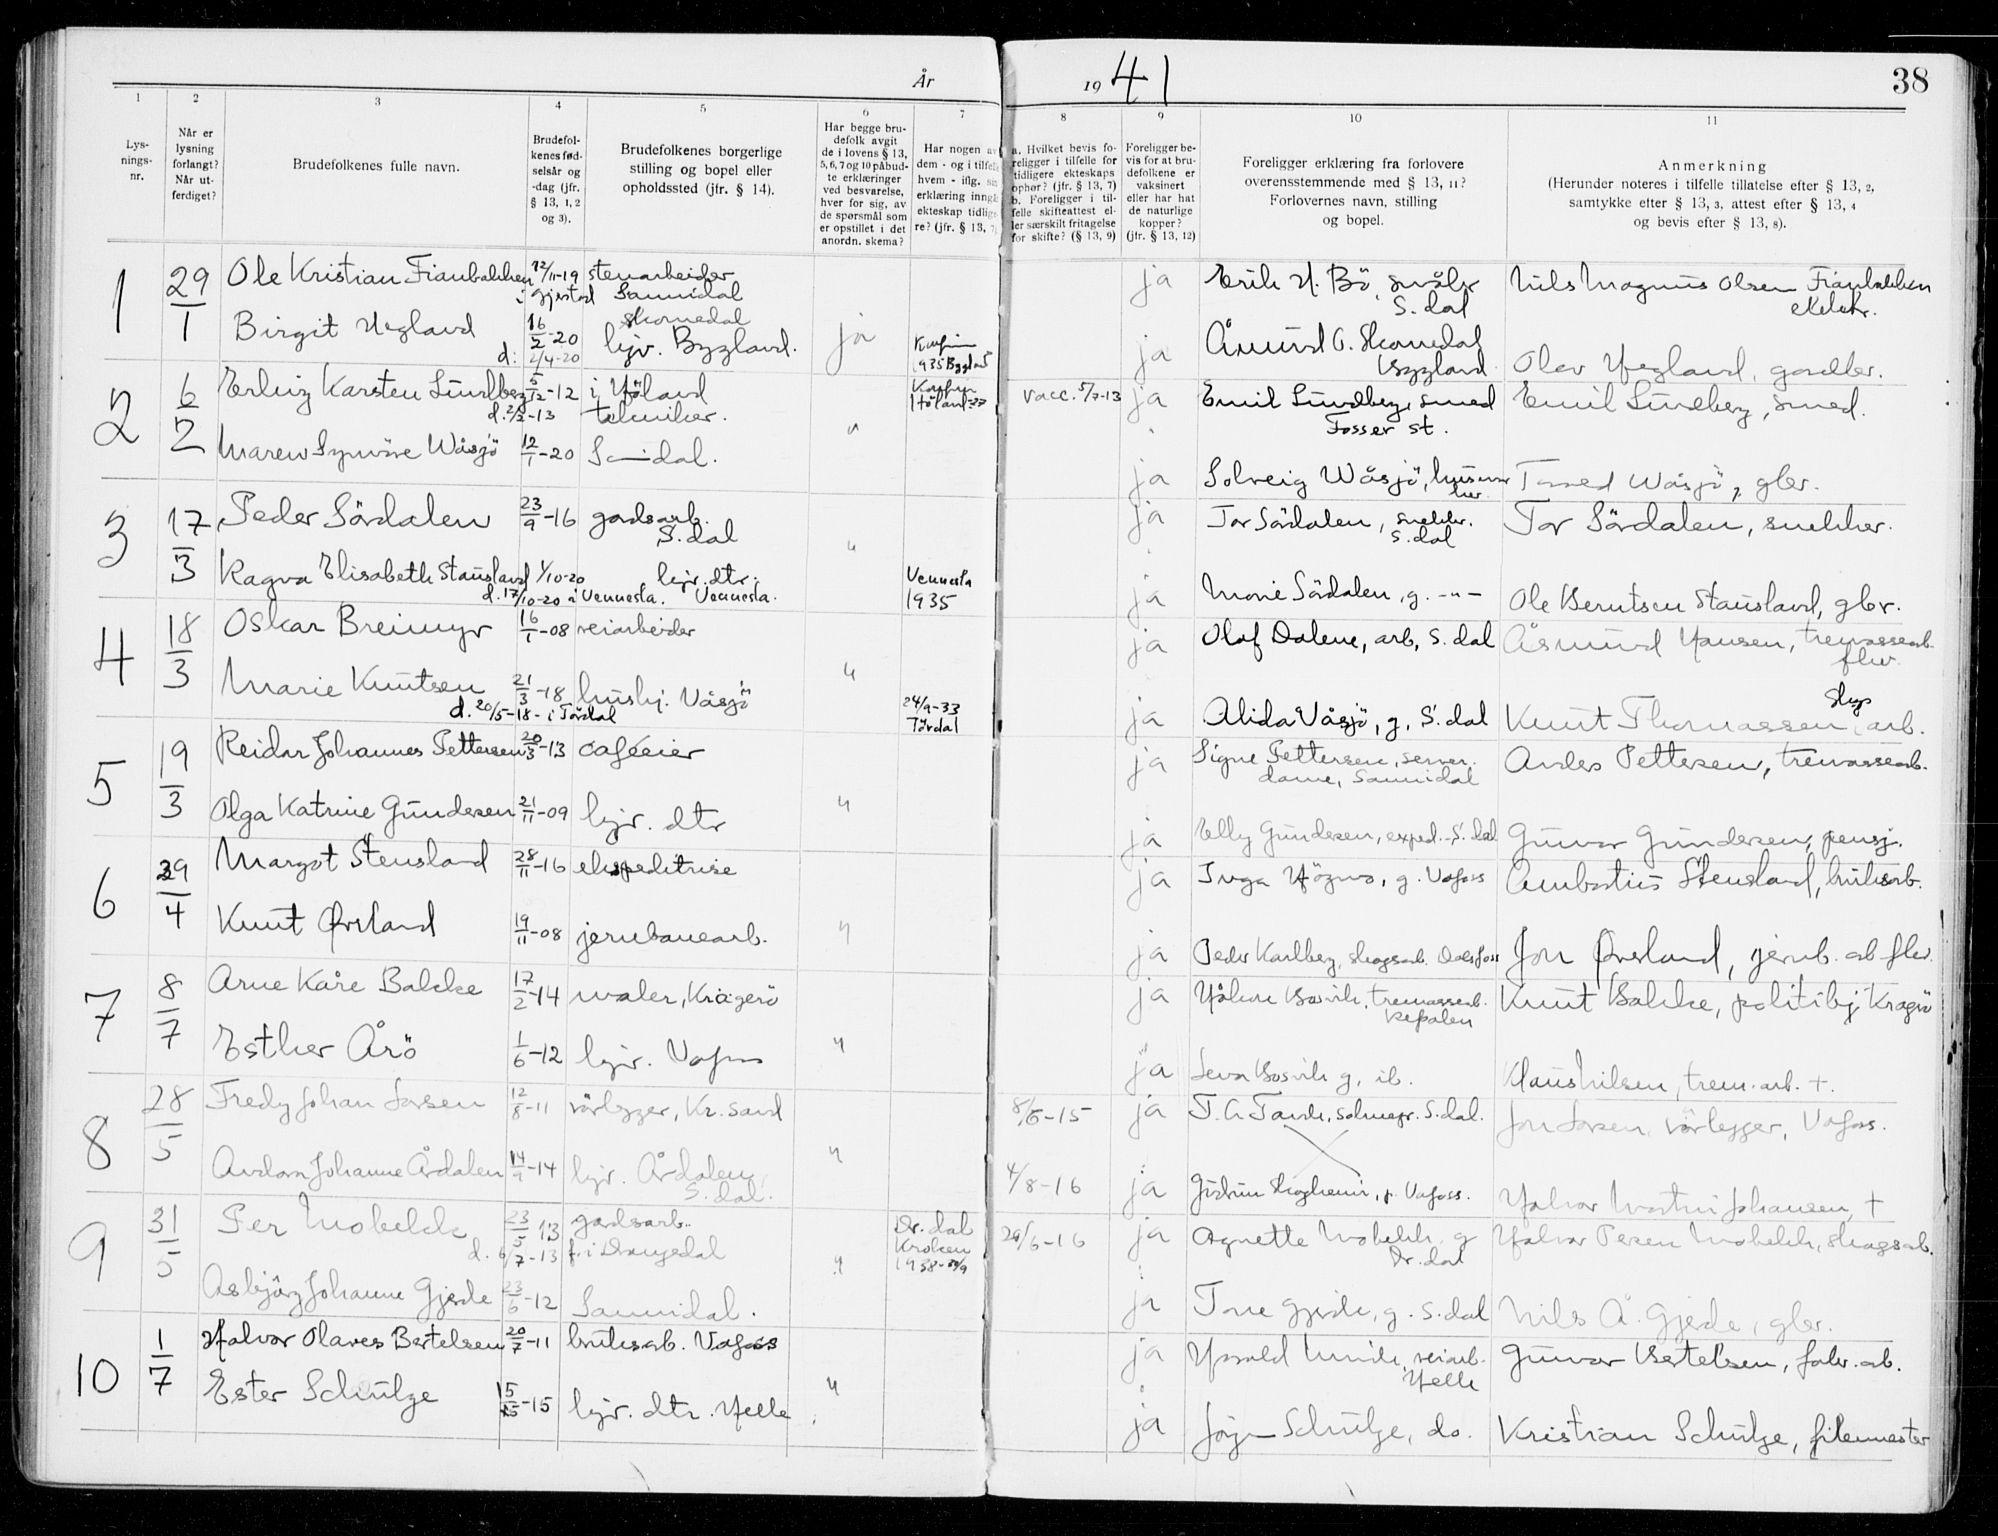 SAKO, Sannidal kirkebøker, H/Ha/L0002: Lysningsprotokoll nr. 2, 1919-1942, s. 38